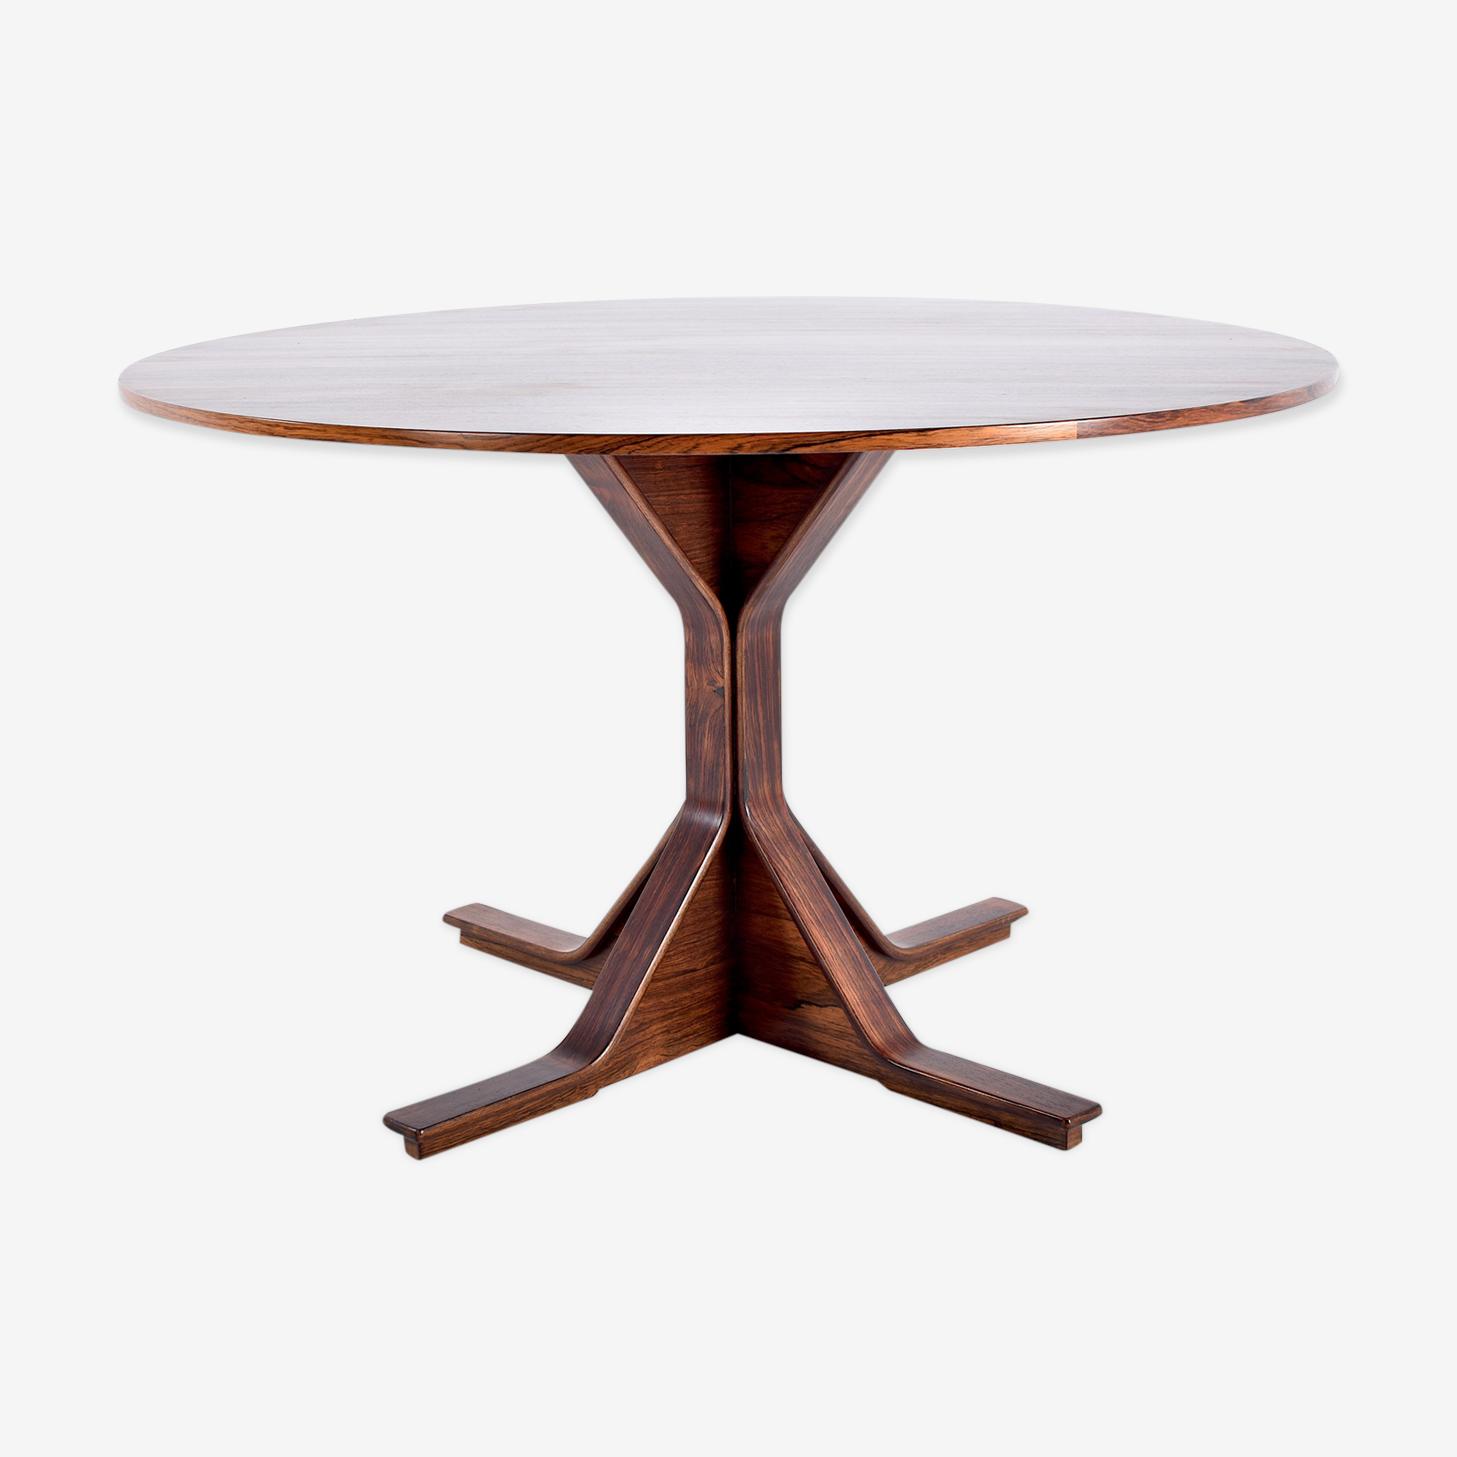 Table de salle à manger en palissandre de Rio par Gianfranco Frattini pour Bernini modèle 522,